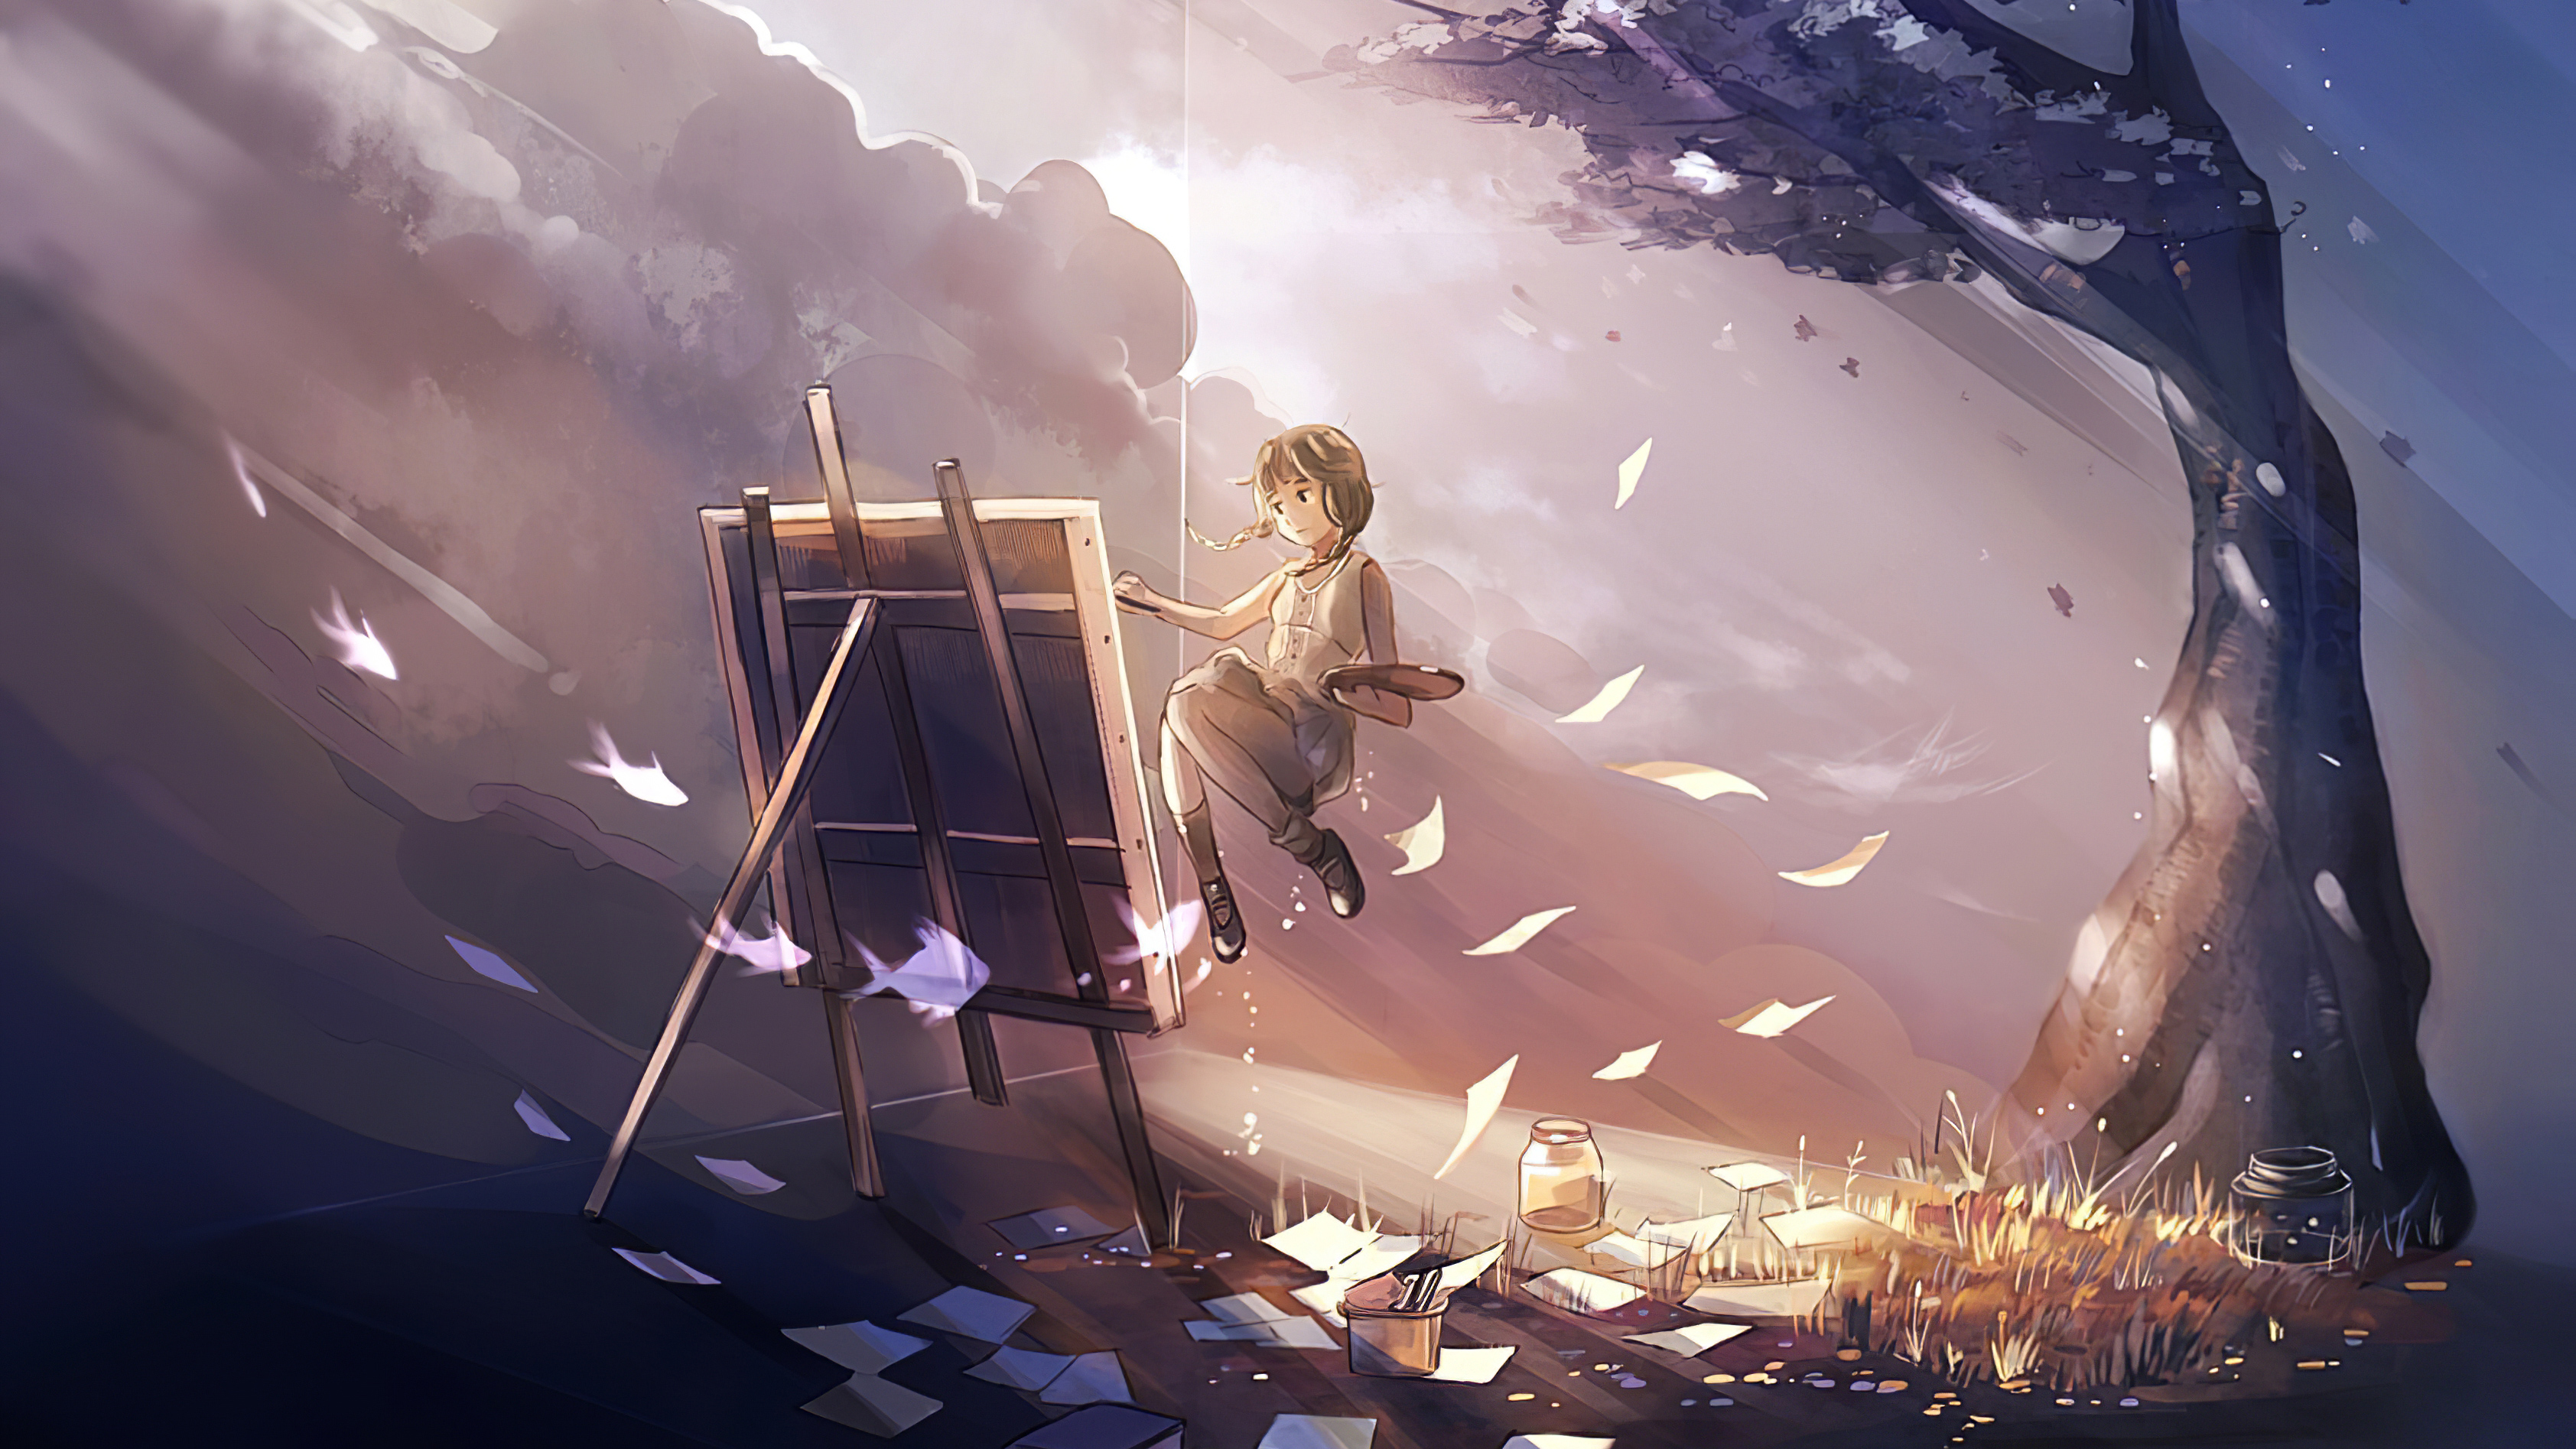 Anime Girl Doing Painting Magical 4k Hd Anime 4k Wallpapers